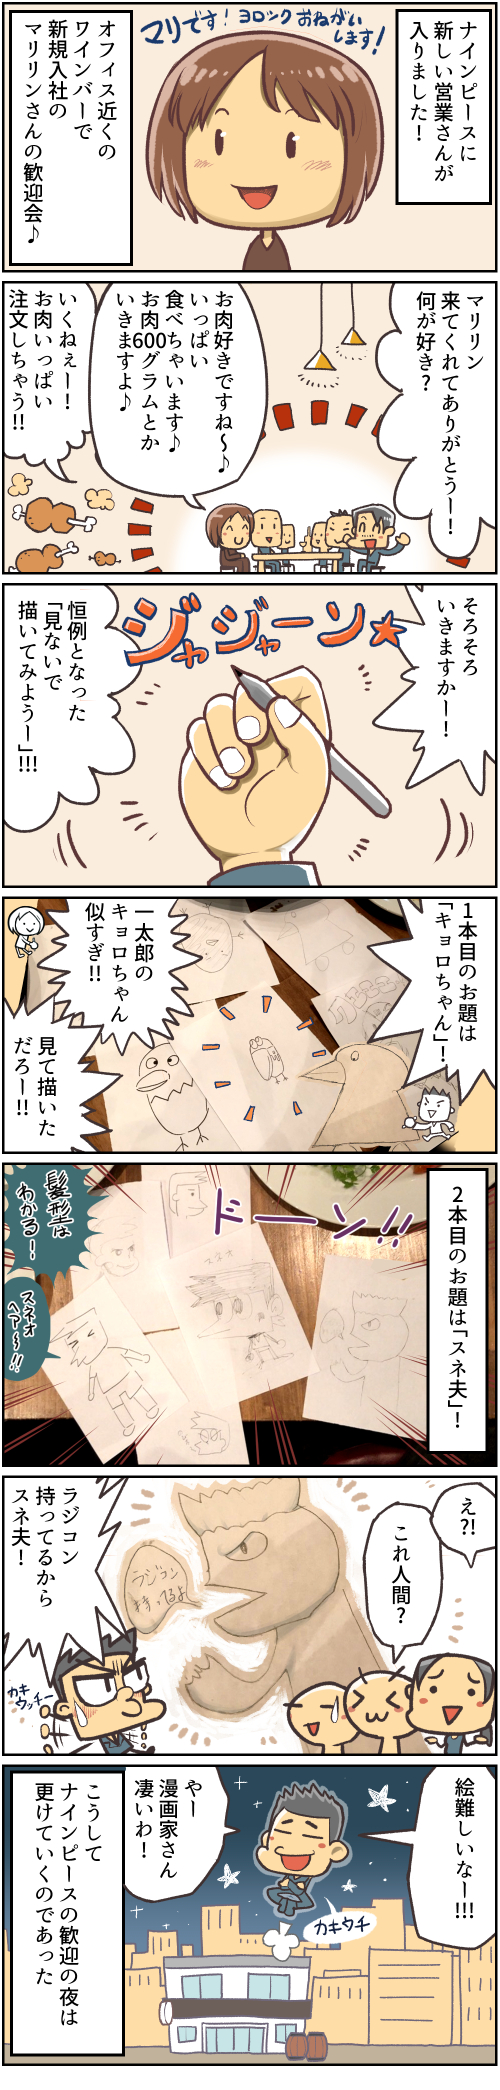 weekly_comic_31.jpg